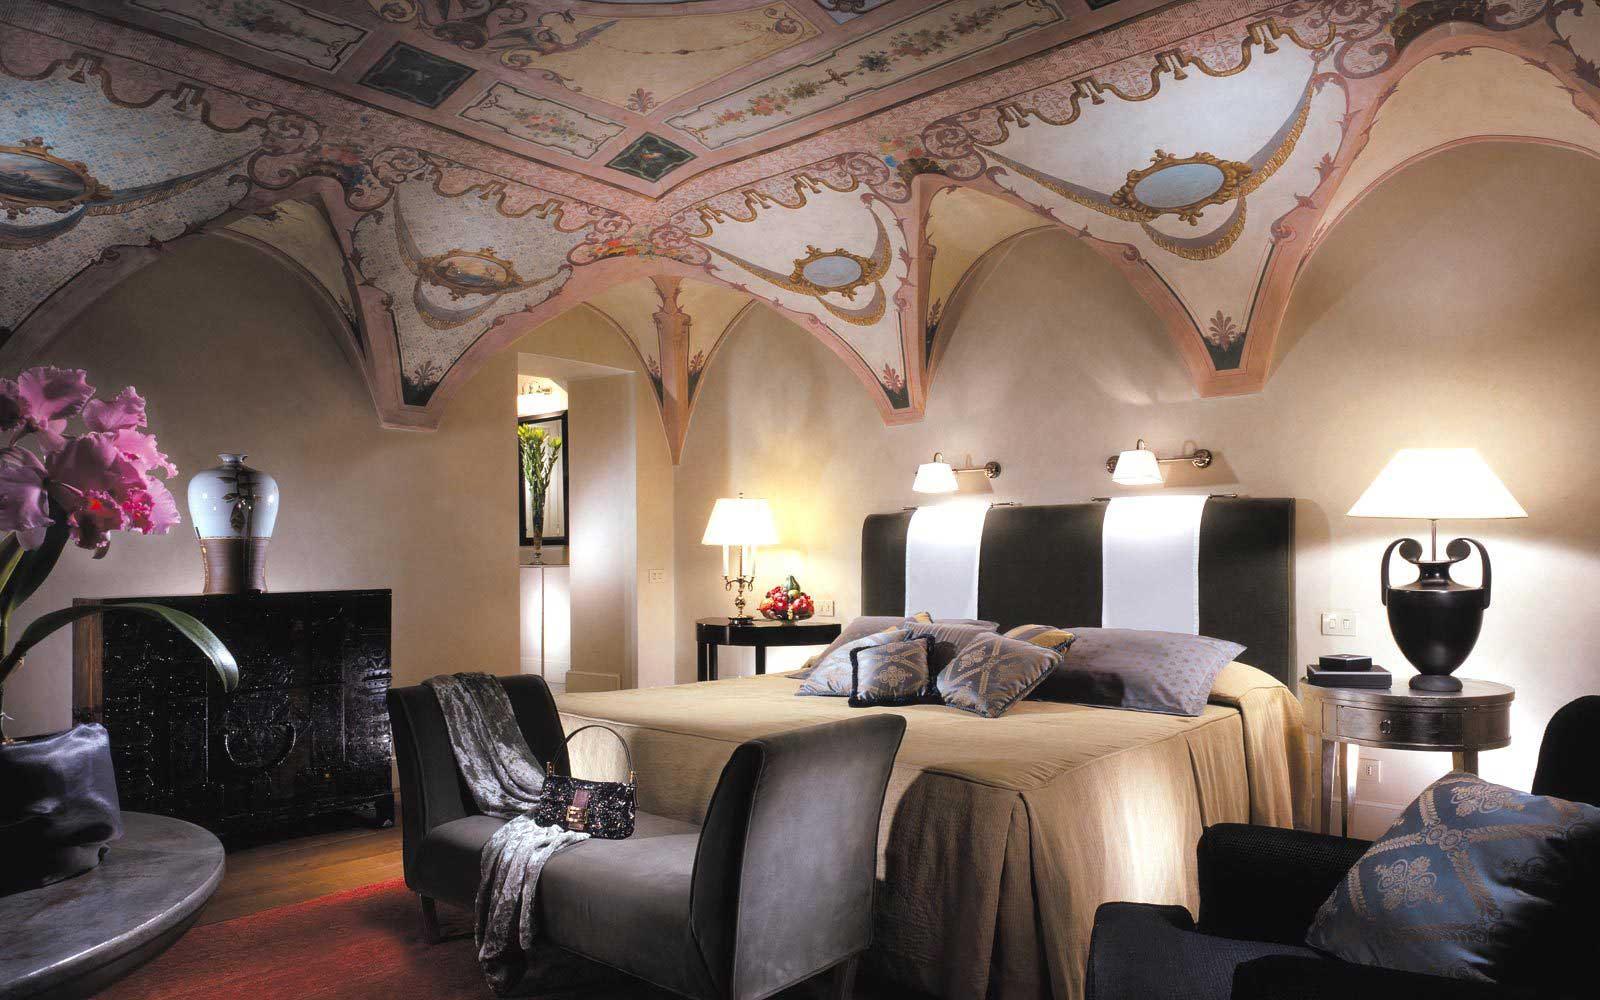 5 Star Hotel In Rome Grand Hotel De La Minerve